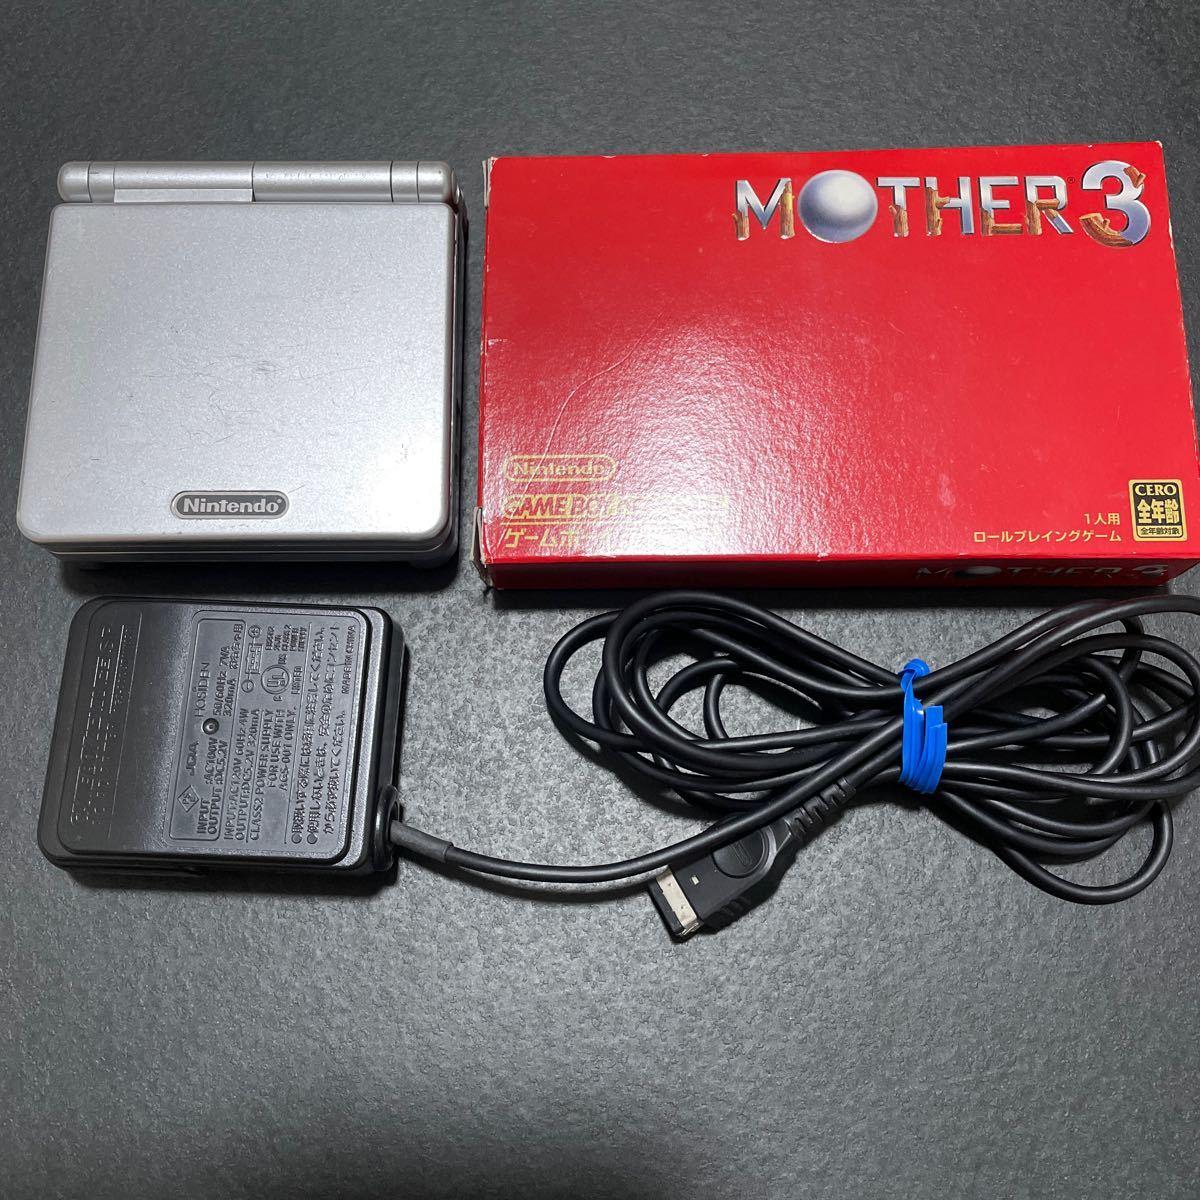 ゲームボーイアドバンスSP本体+充電器+マザー3